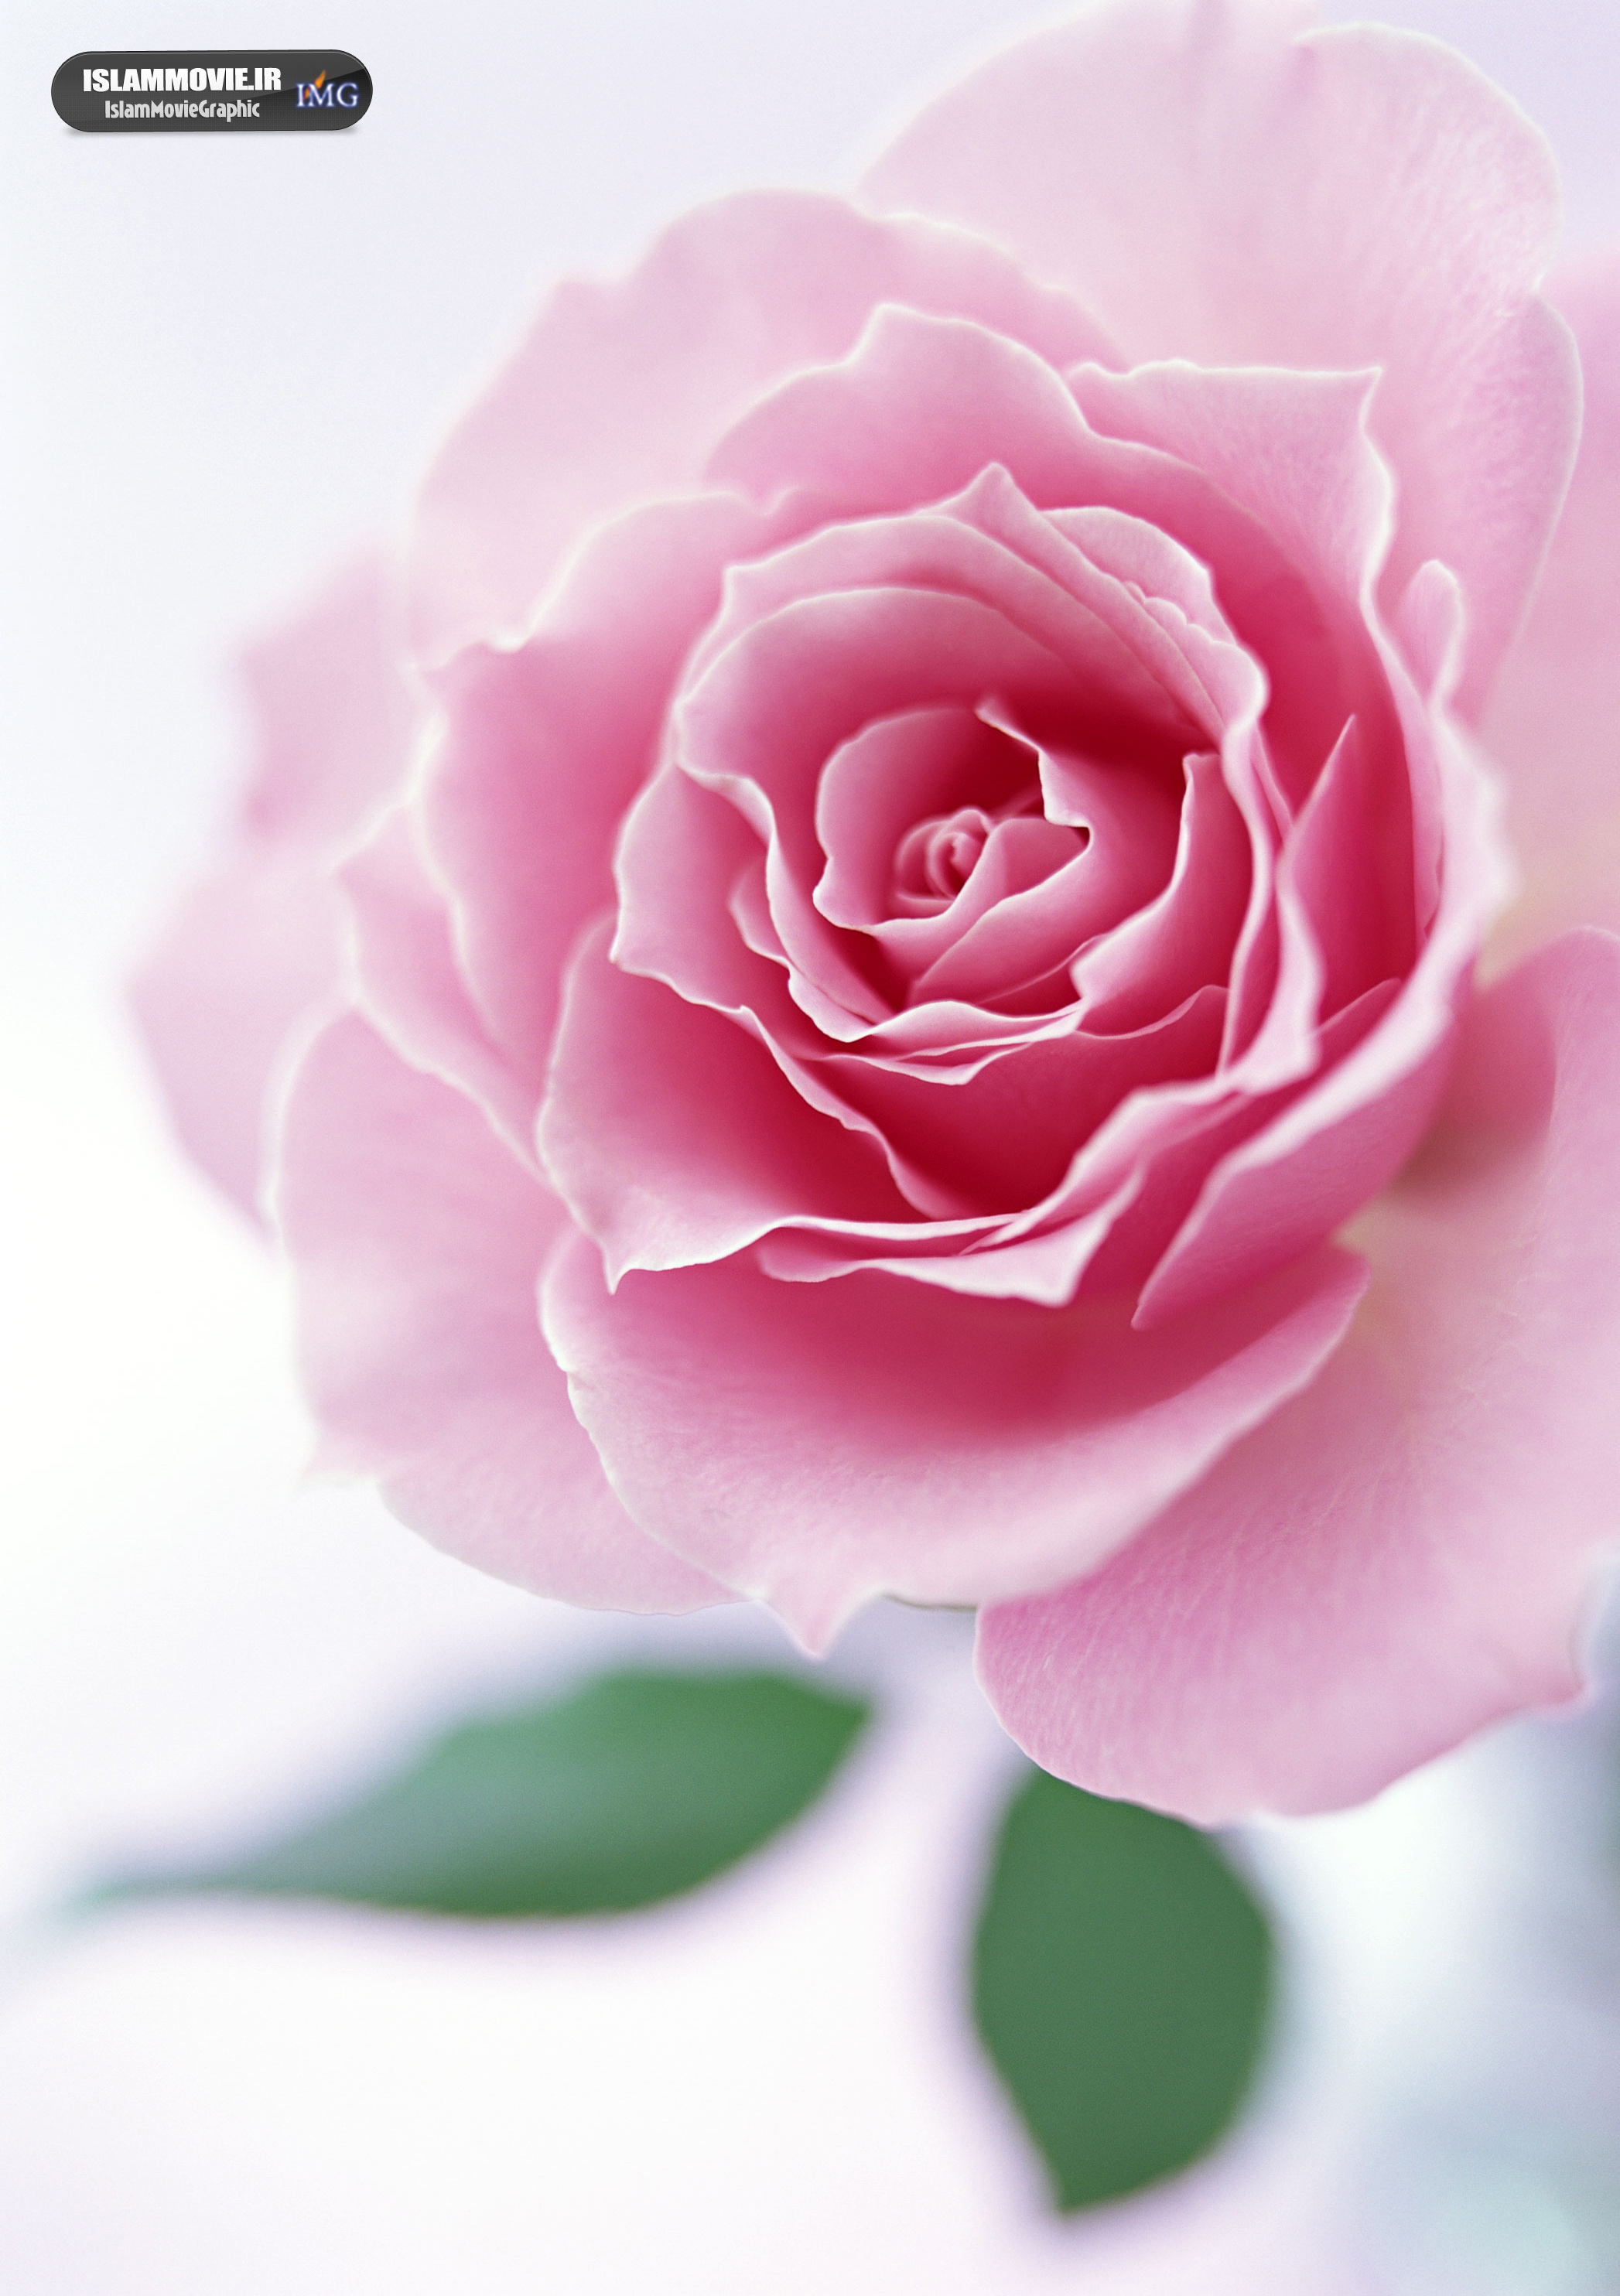 دانلود عکس والپیپر با کیفیت عالی گل رز و گل بهاری WIDE HD ...